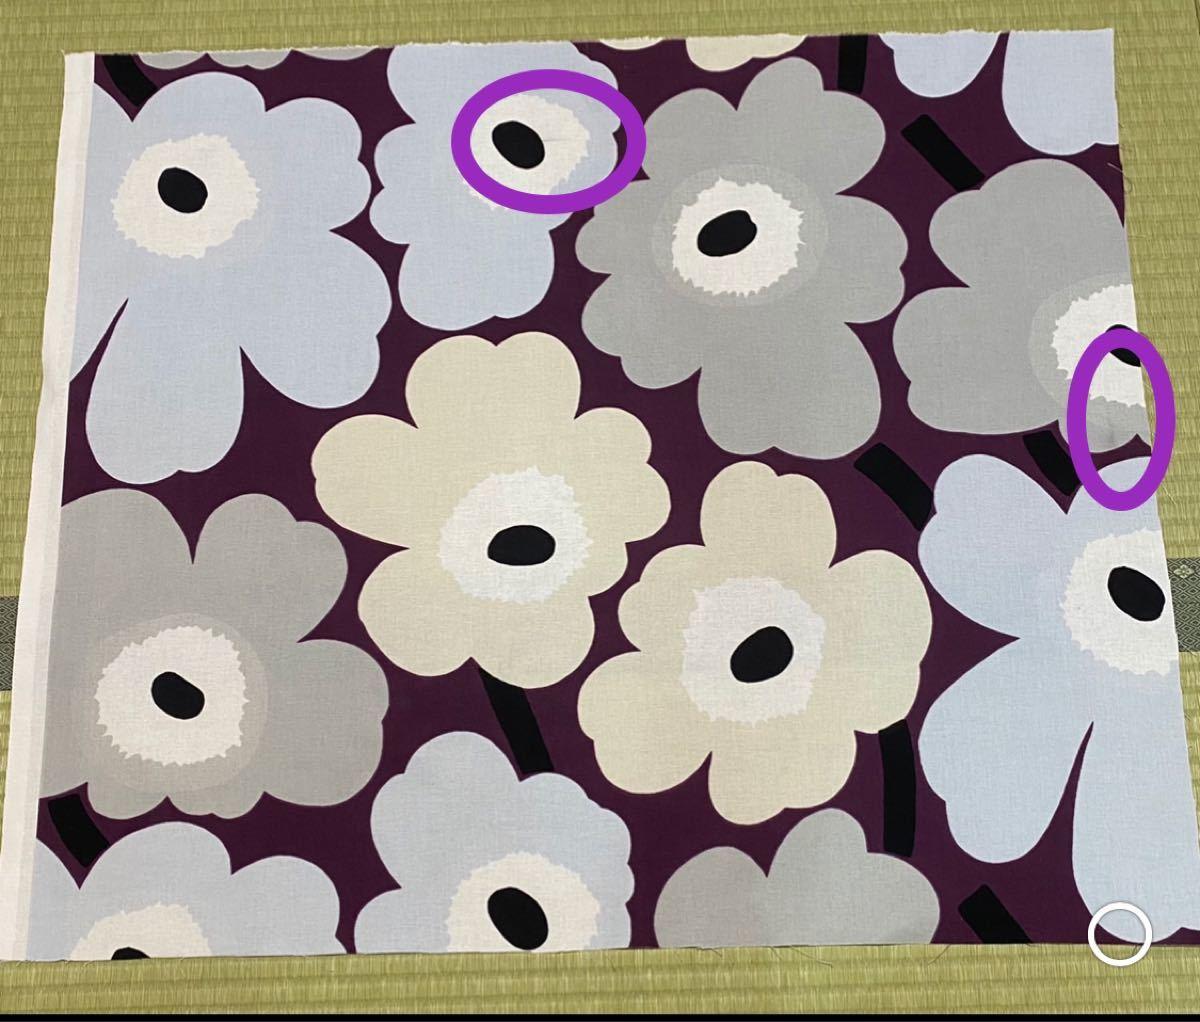 marimekko はぎれ ピエニウニッコ 紫 ベージュ グレー 生地 レア 廃盤